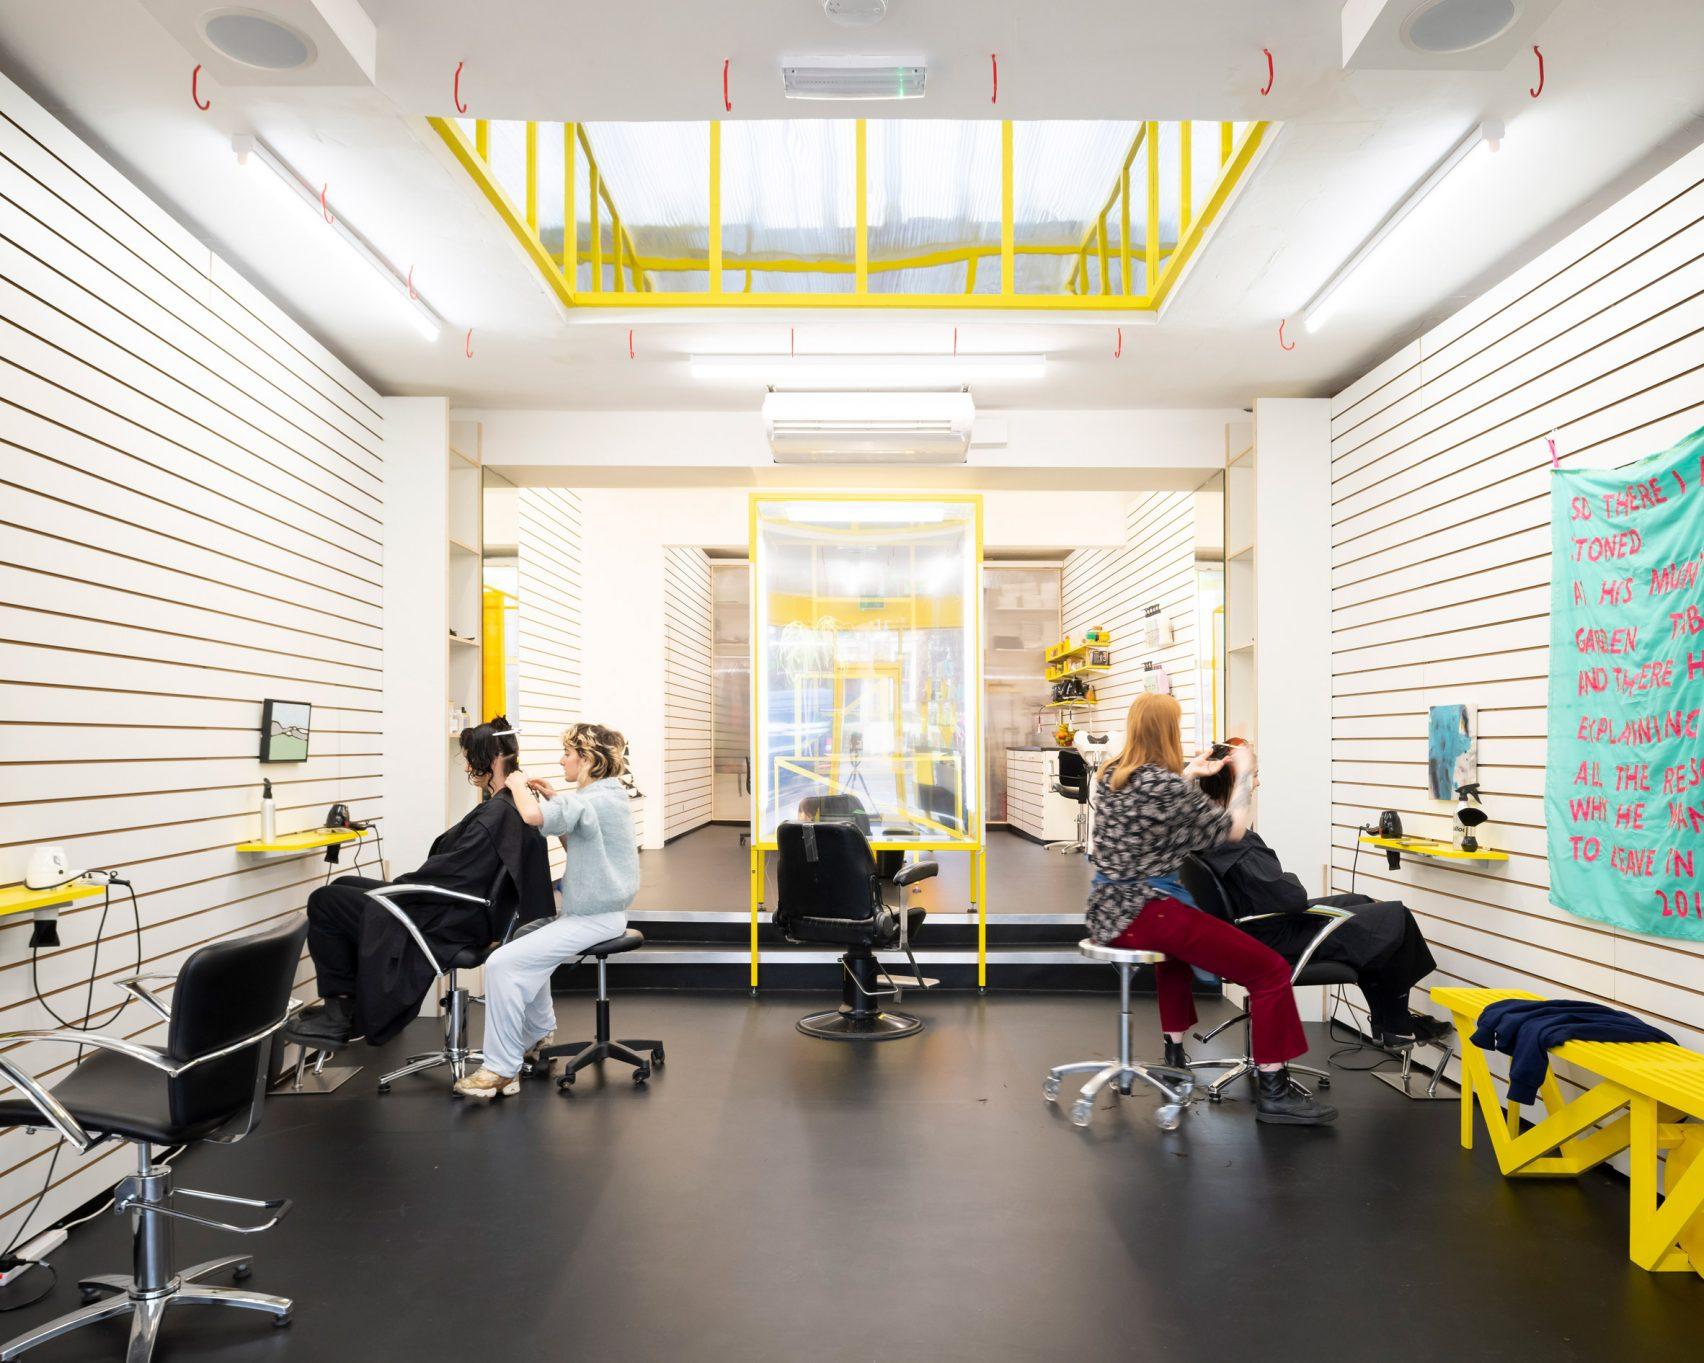 Aynı Zamanda Bir Sanat Galerisi Olan ve Aynaların Olmadığı Saç Tasarım Stüdyosu